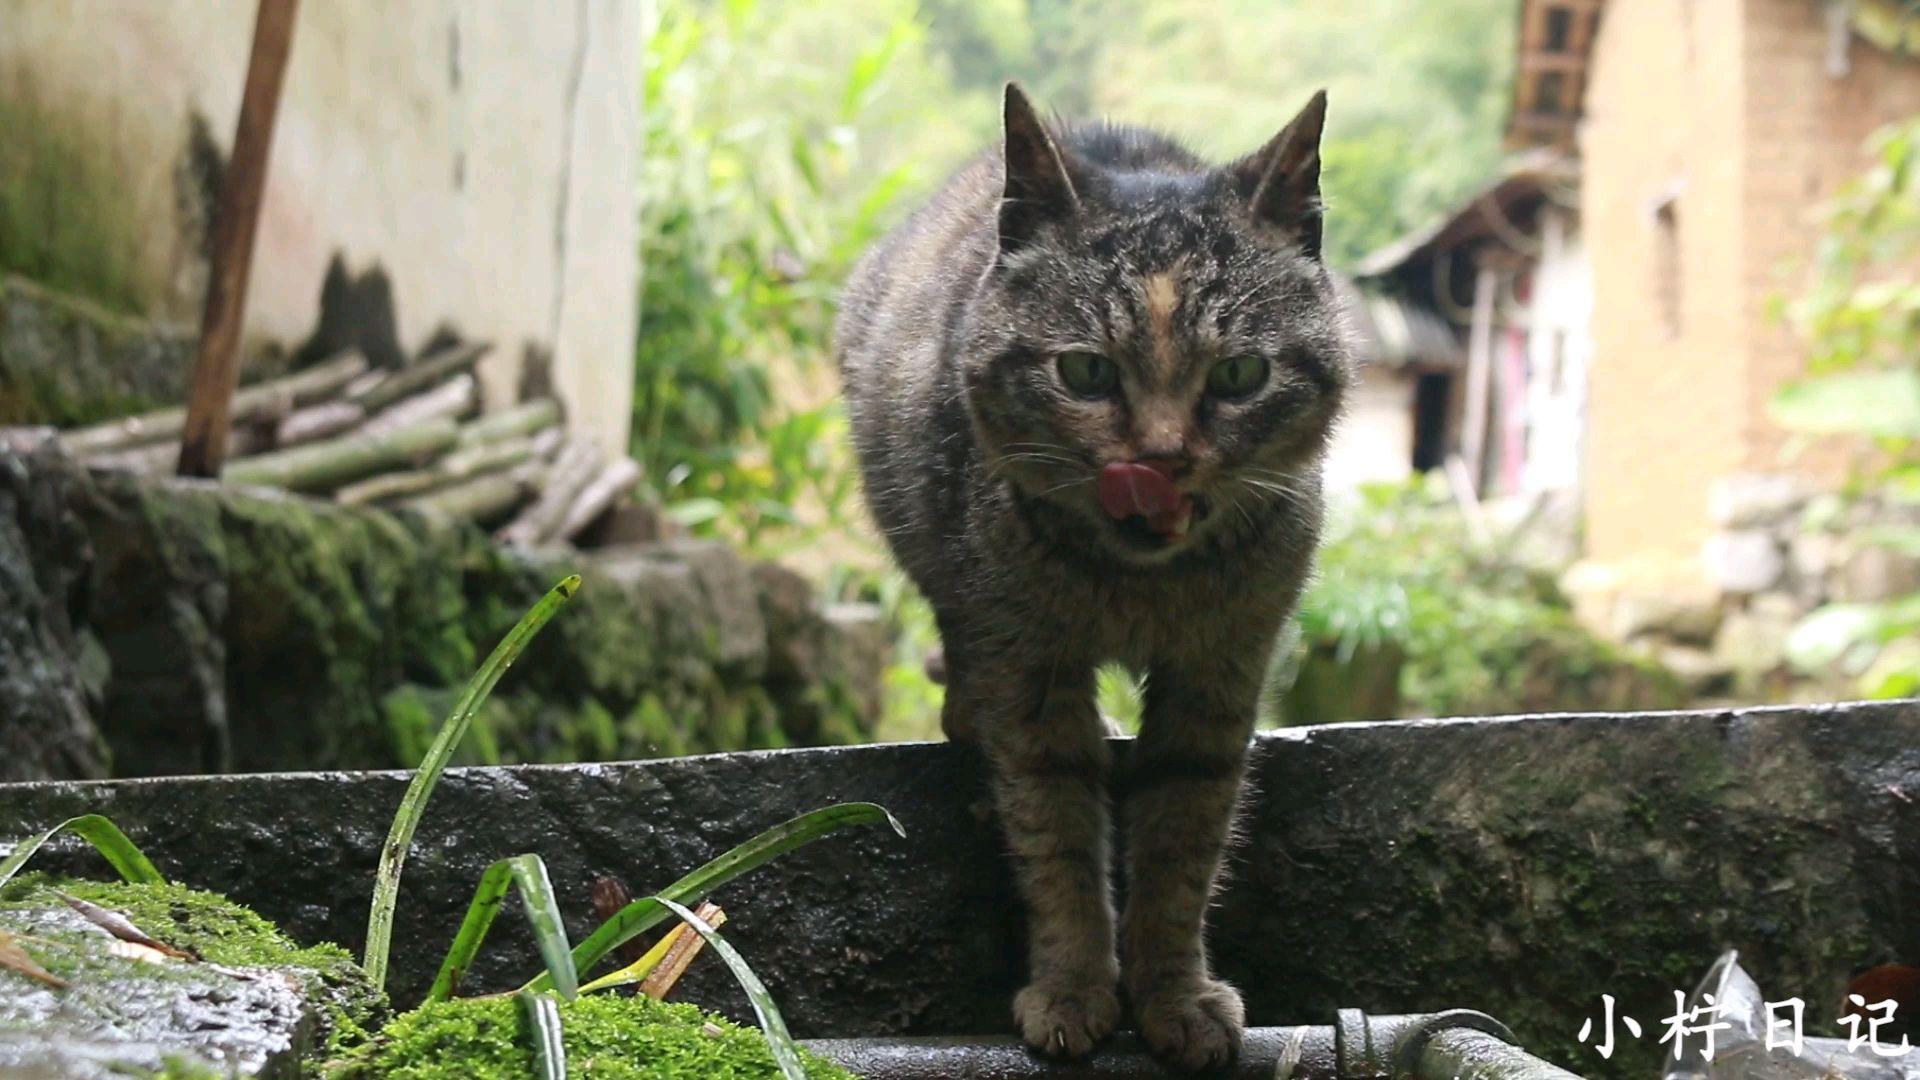 农村养9年狸花猫,既抓老鼠又抓鸟,山里是它最喜欢的地方